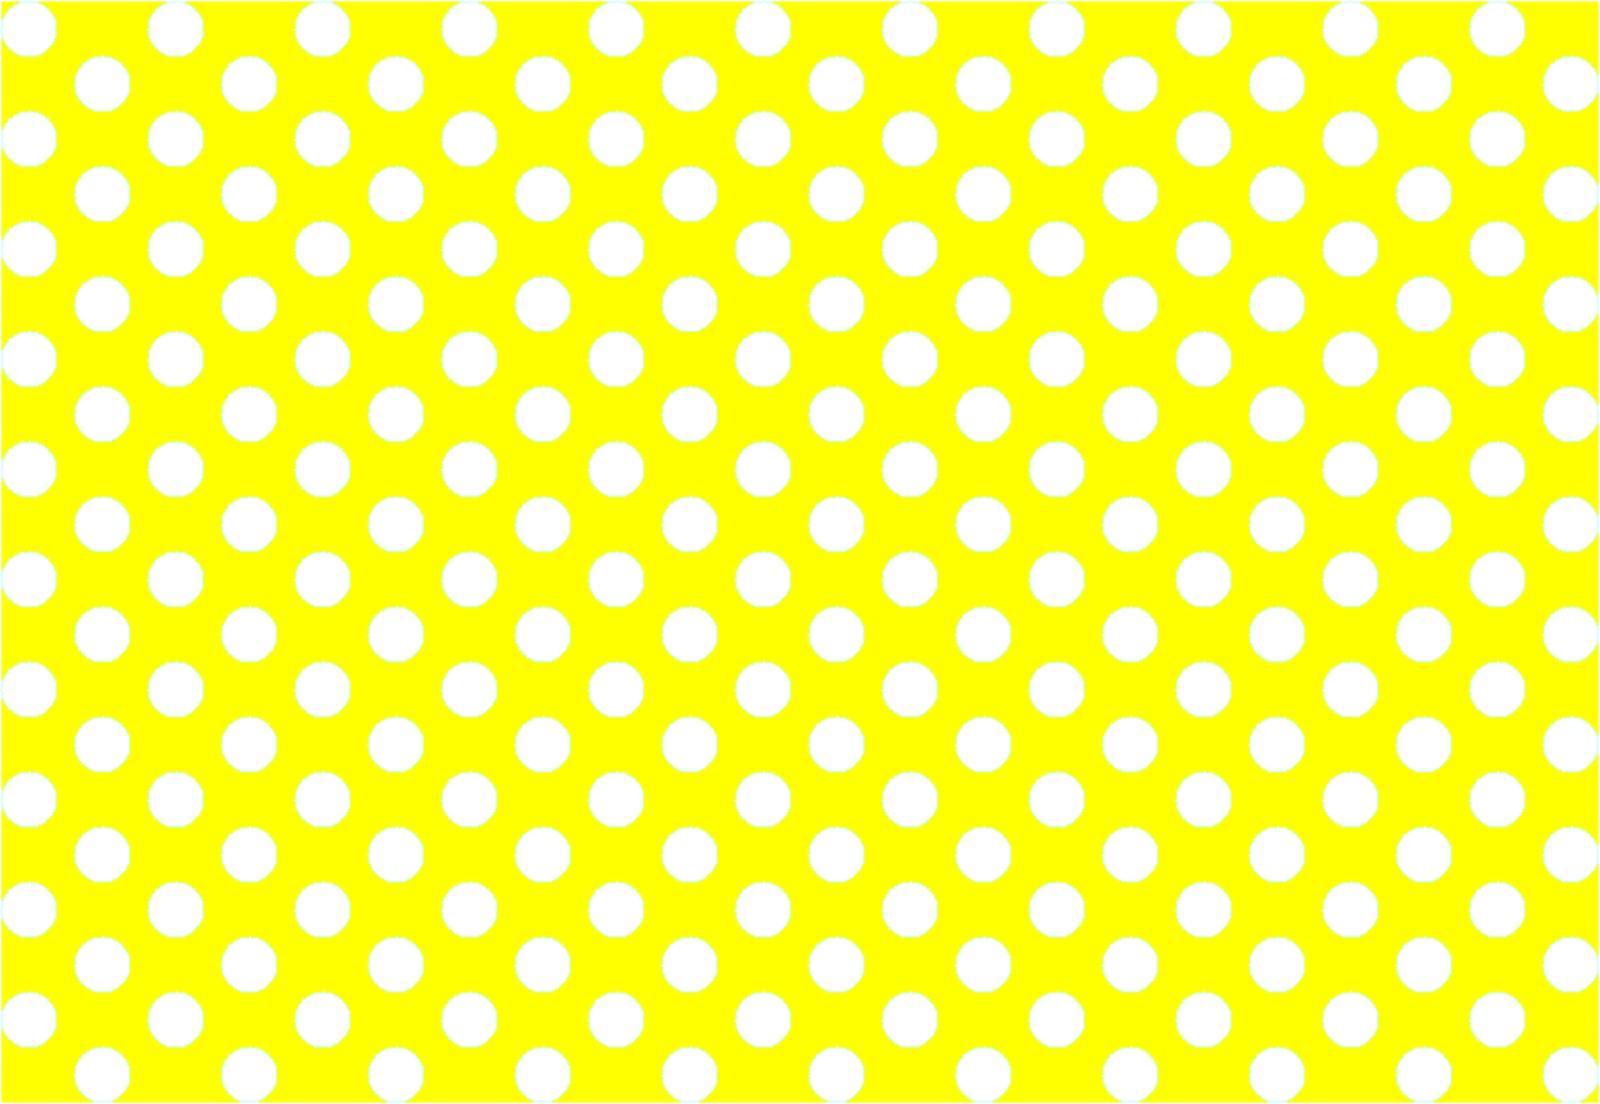 白水玉 背景黄色 Wordや写真を使ったシンプルな壁紙素材を配布するサイト